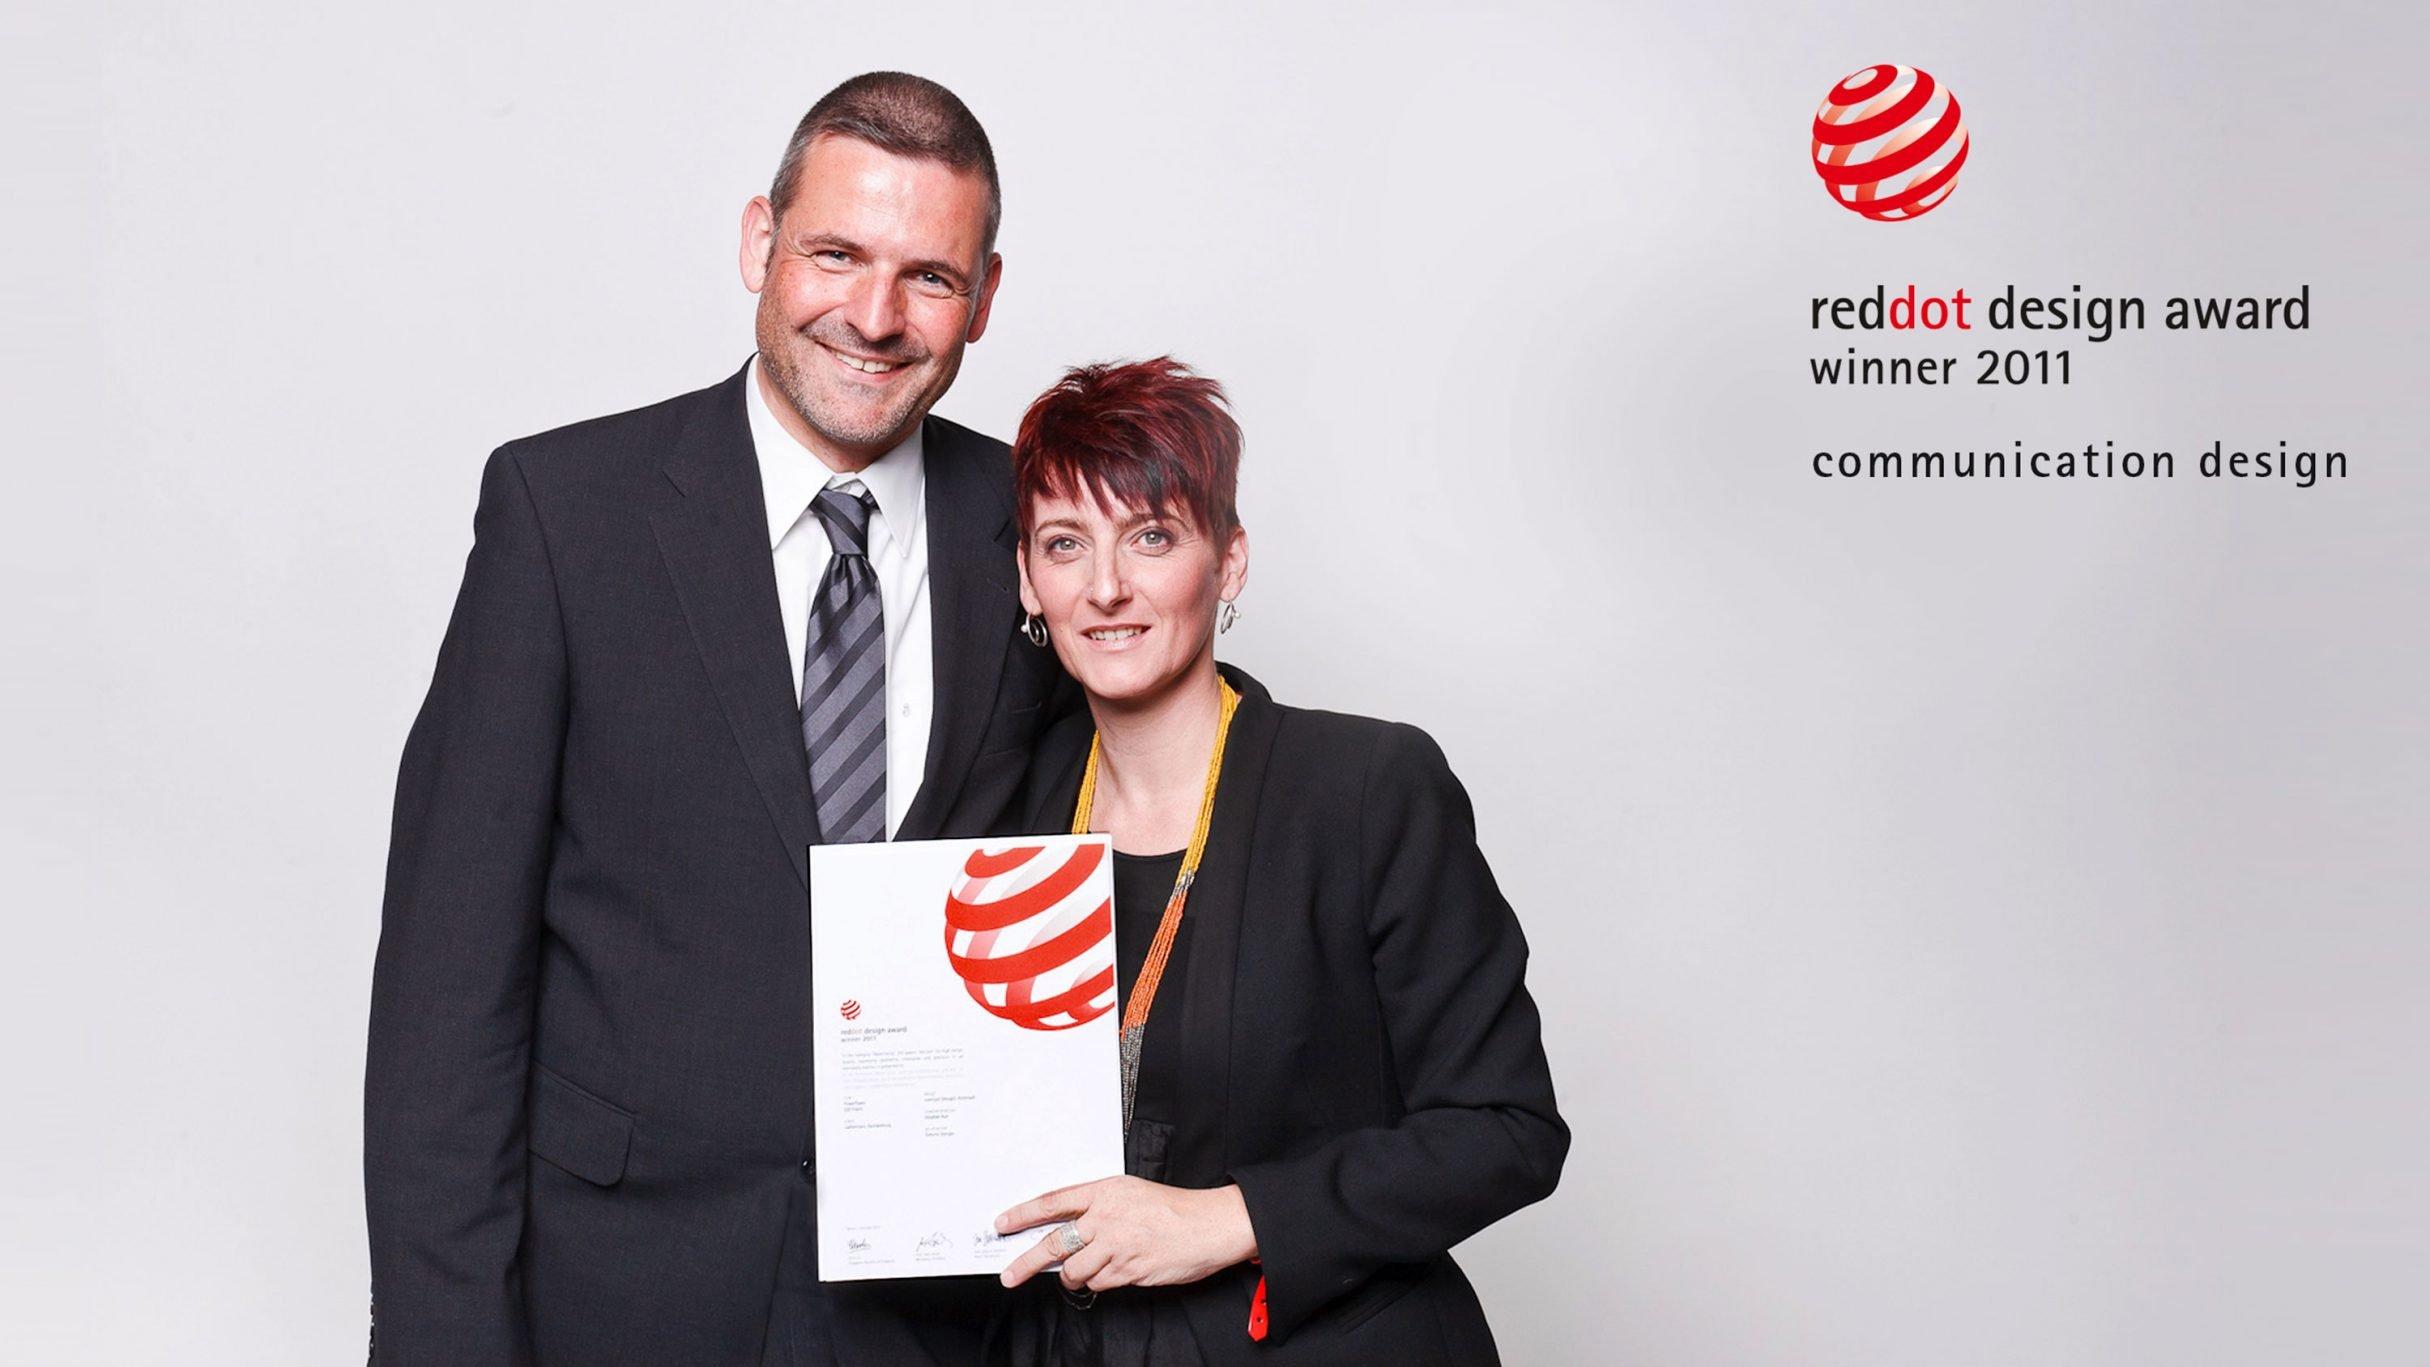 reddot design award Verleihungsgala Simone Stenger und Stephan Ruh: DIE NEUDENKER® Agentur, Darmstadt